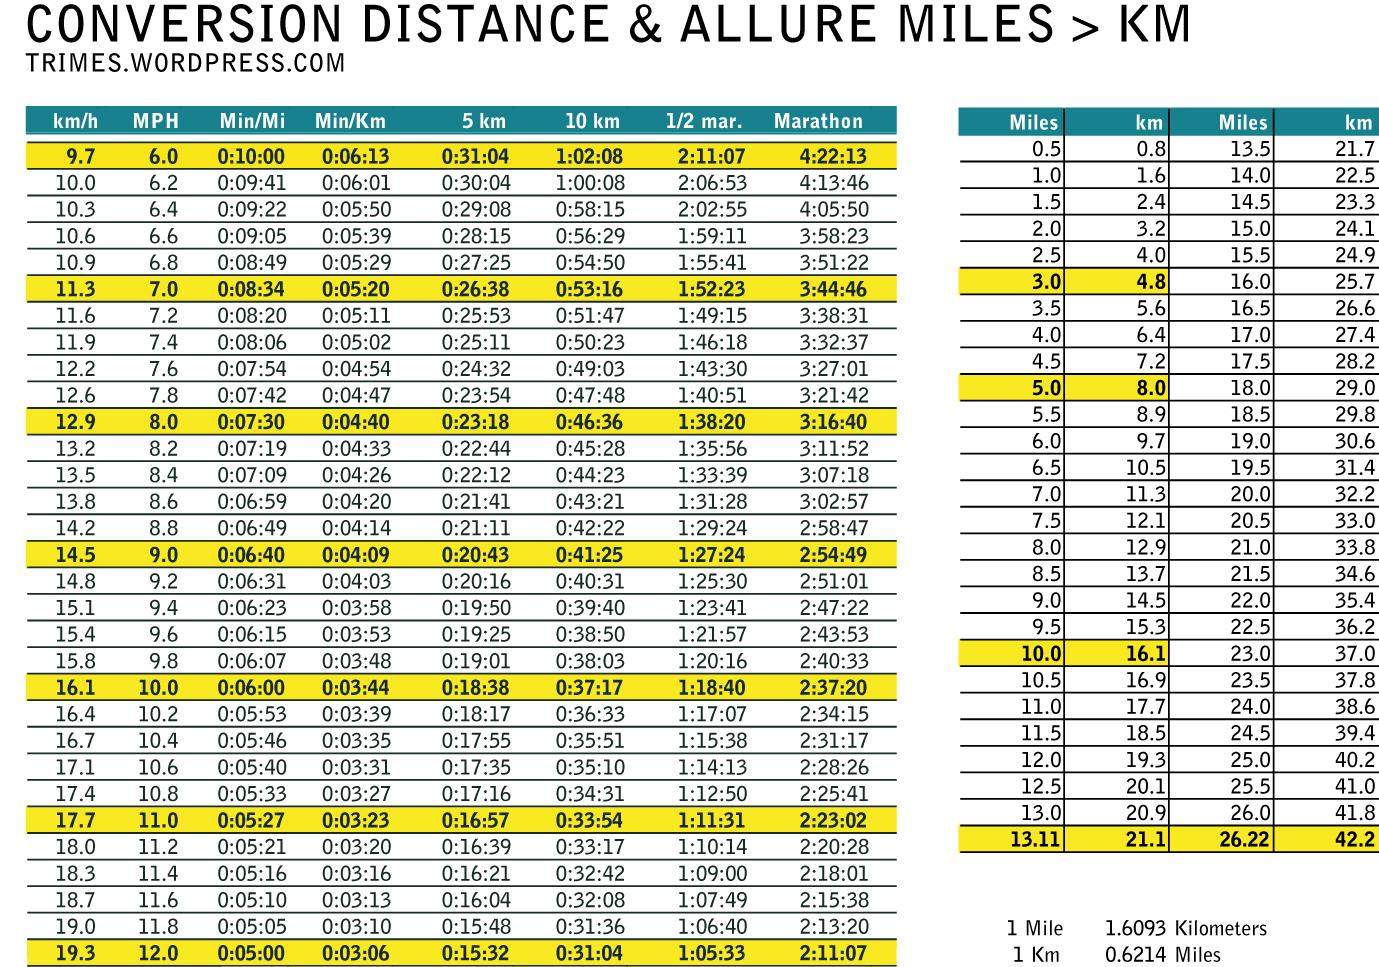 Cadeau conversion table tableau de conversion miles km - Convert miles to kilometers table ...